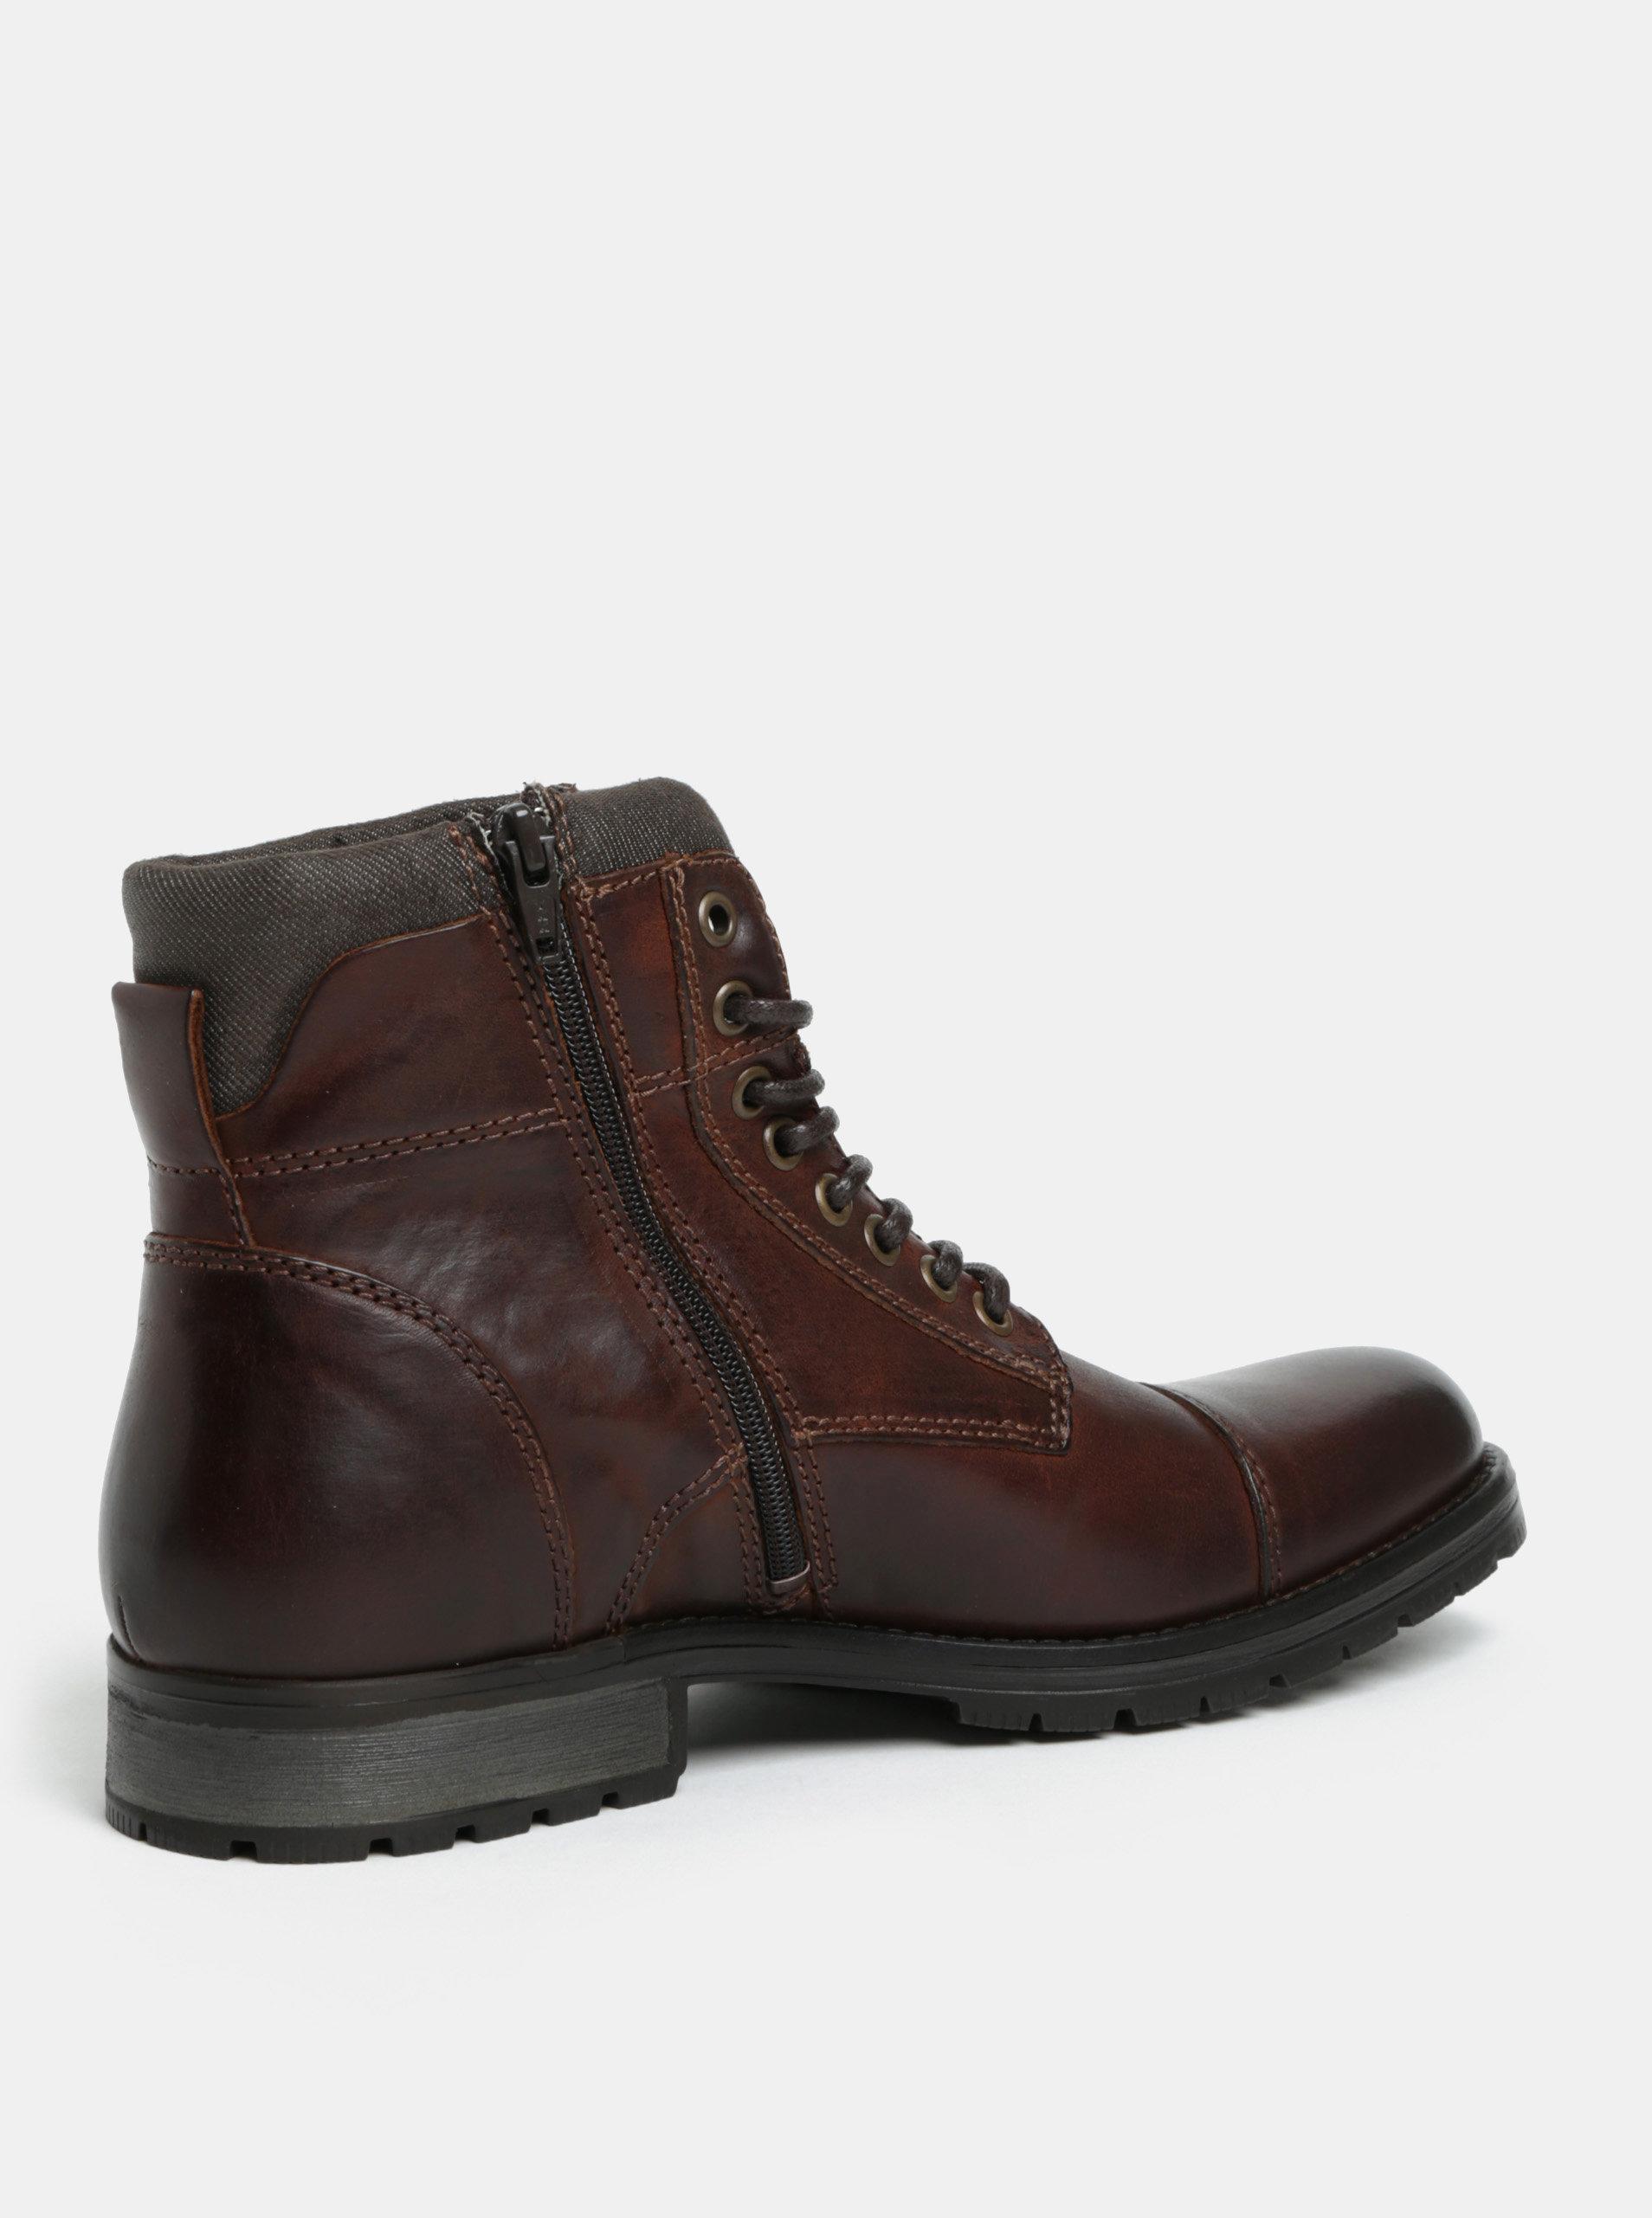 53f695c7d80 Tmavě hnědé pánské kožené kotníkové boty s přezkou Jack   Jones Bany ...